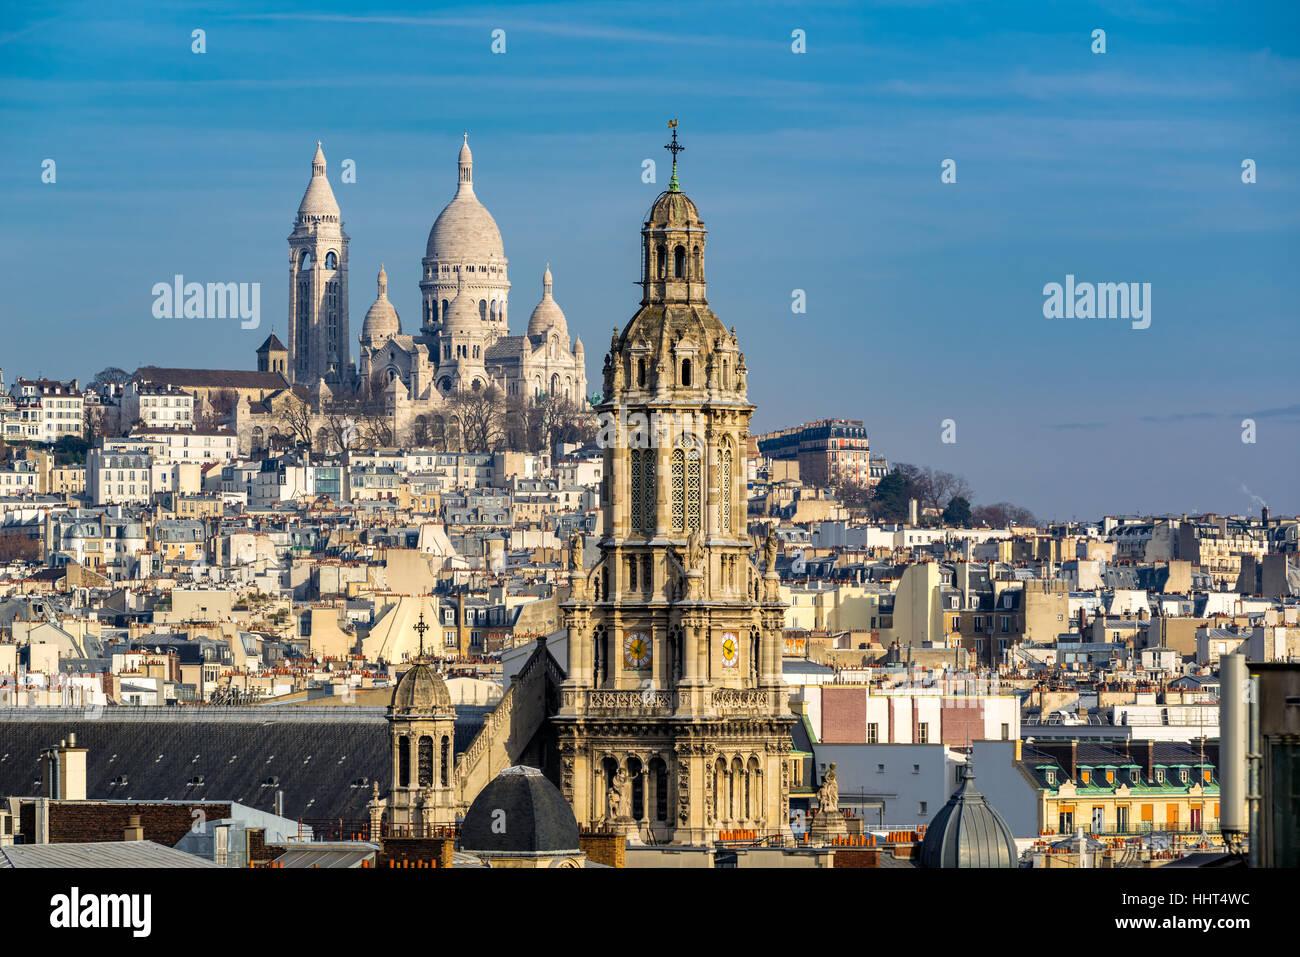 Toits de Paris avec vue sur la Basilique du Sacré-Cœur à Montmartre et l'église de la Trinité. Photo Stock